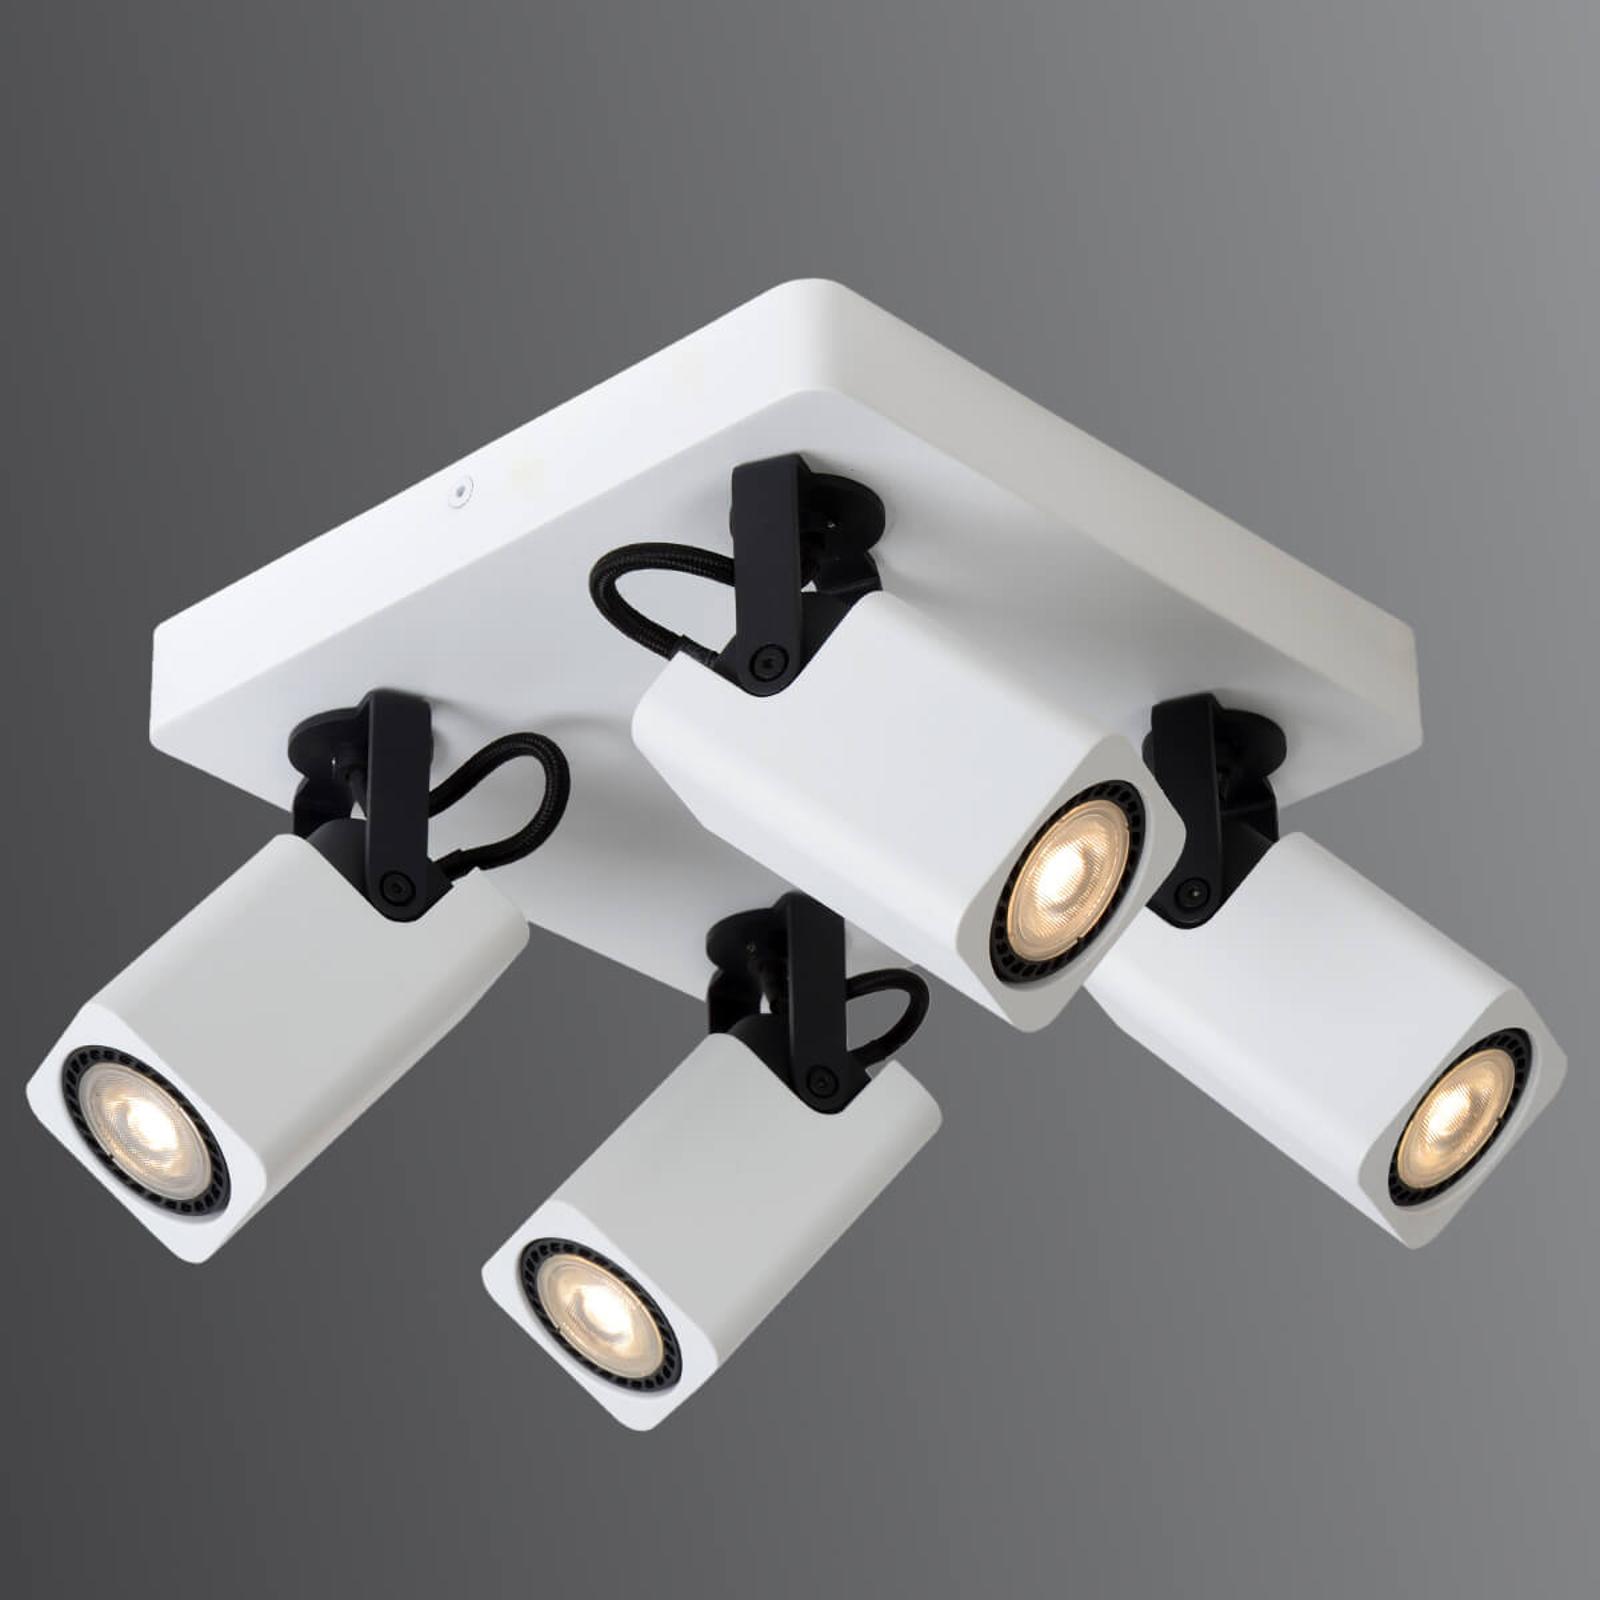 4-lamppuinen LED-kattovalaisin Roax